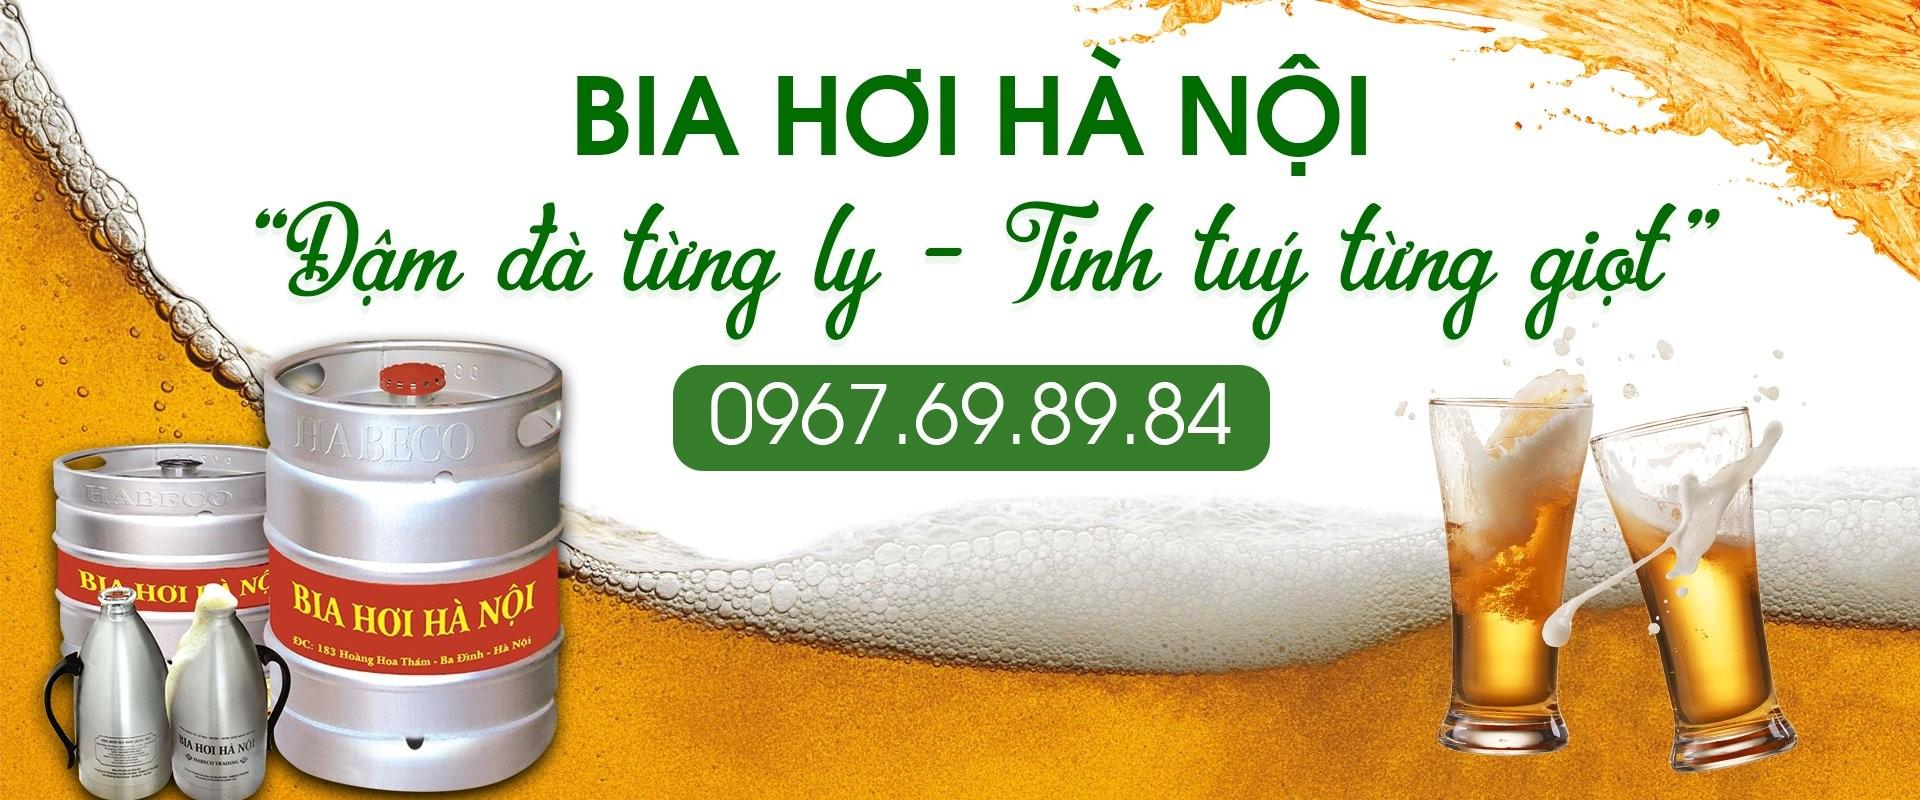 Bia hơi Hà Nội Keg 50L mua ở đâu rẻ nhất?